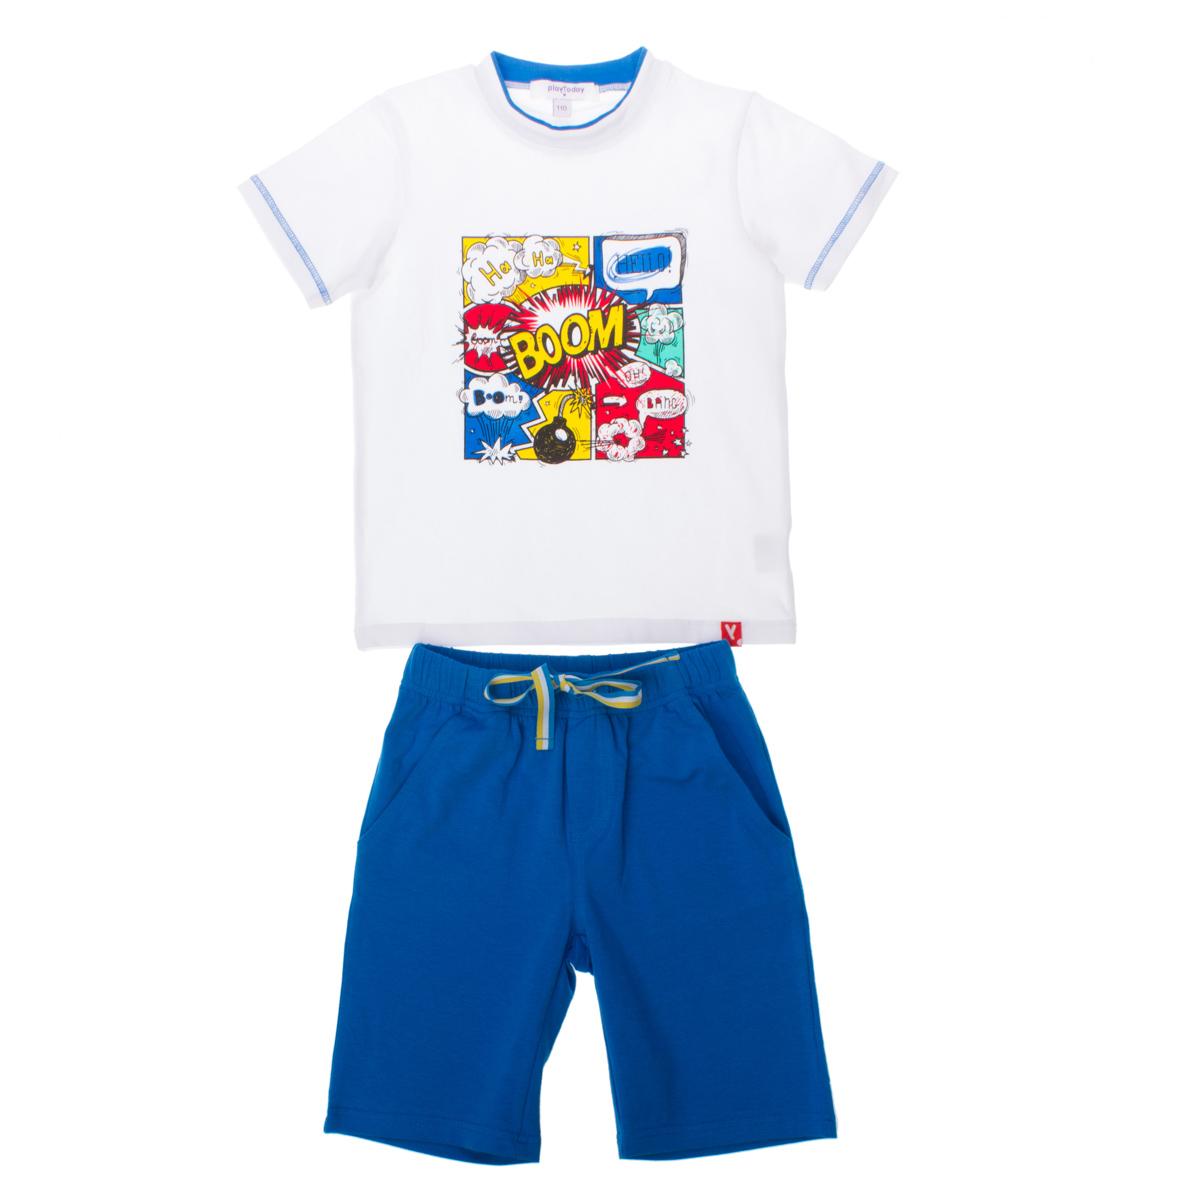 Комплект:  футболка, шорты 161074